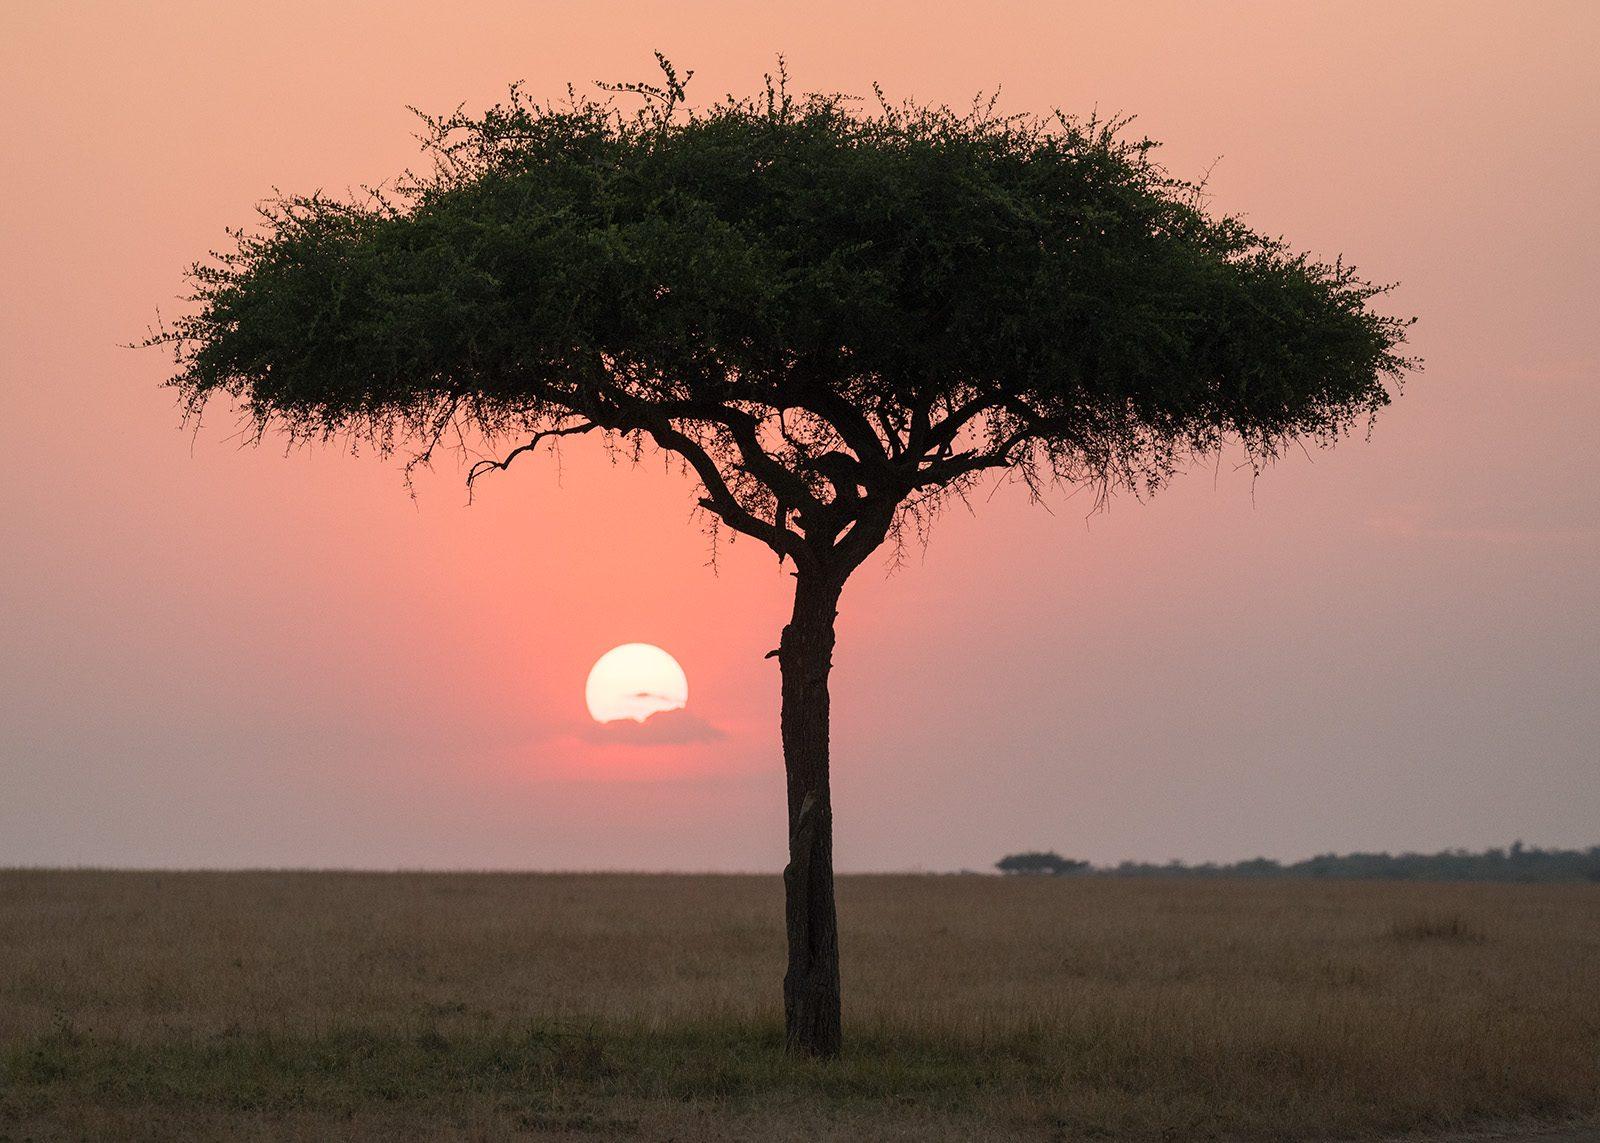 Solnedgang på savannen av Erling Maartmann-Moe